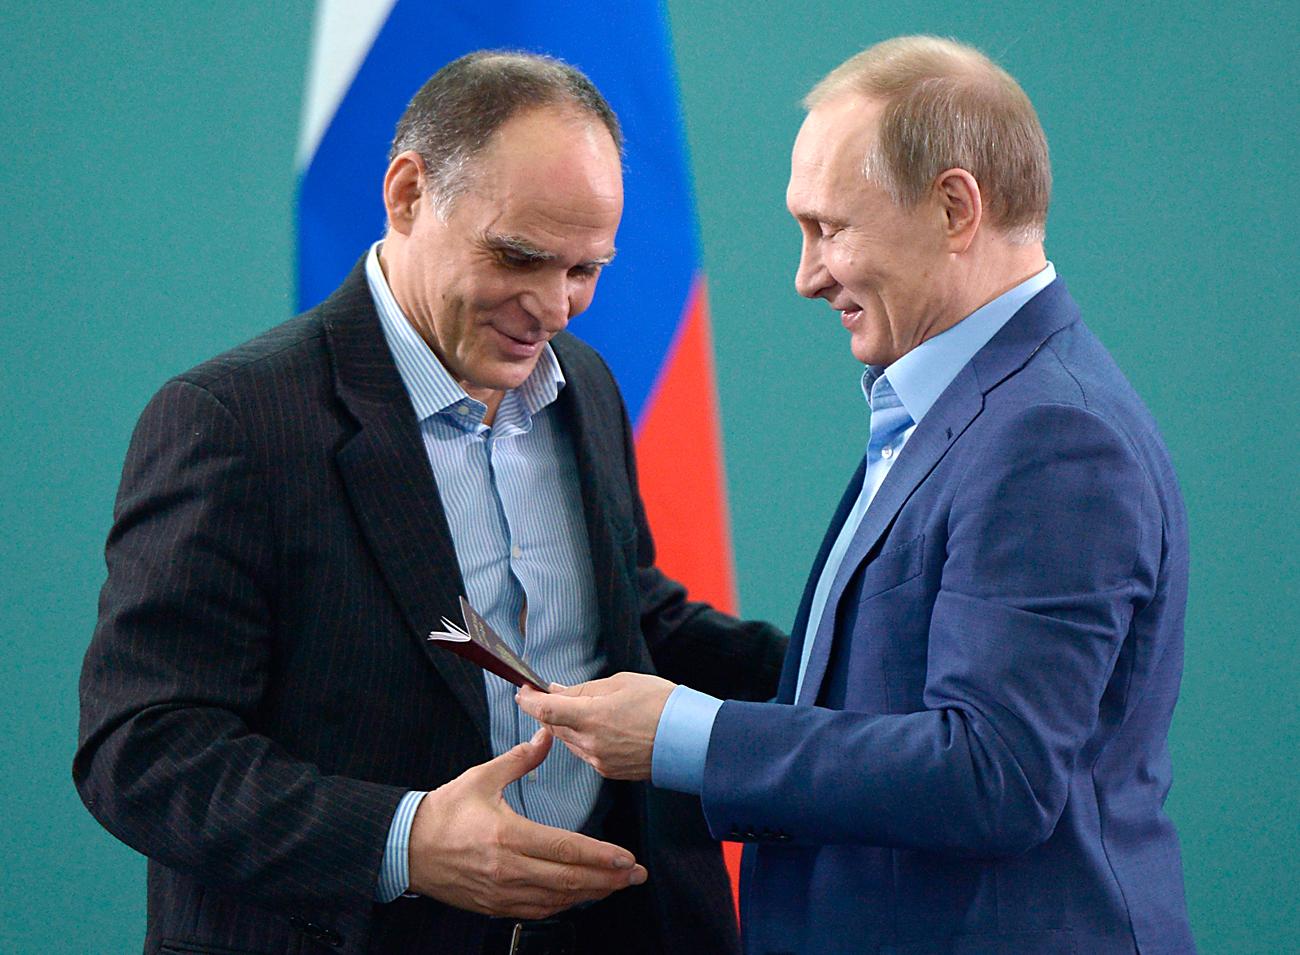 Am 8. Januar 2016 erhielt der russische Judo-Nationaltrainer Ezio Gamba seinen russischen Pass aus den Händen Wladimir Putins. Foto: AP